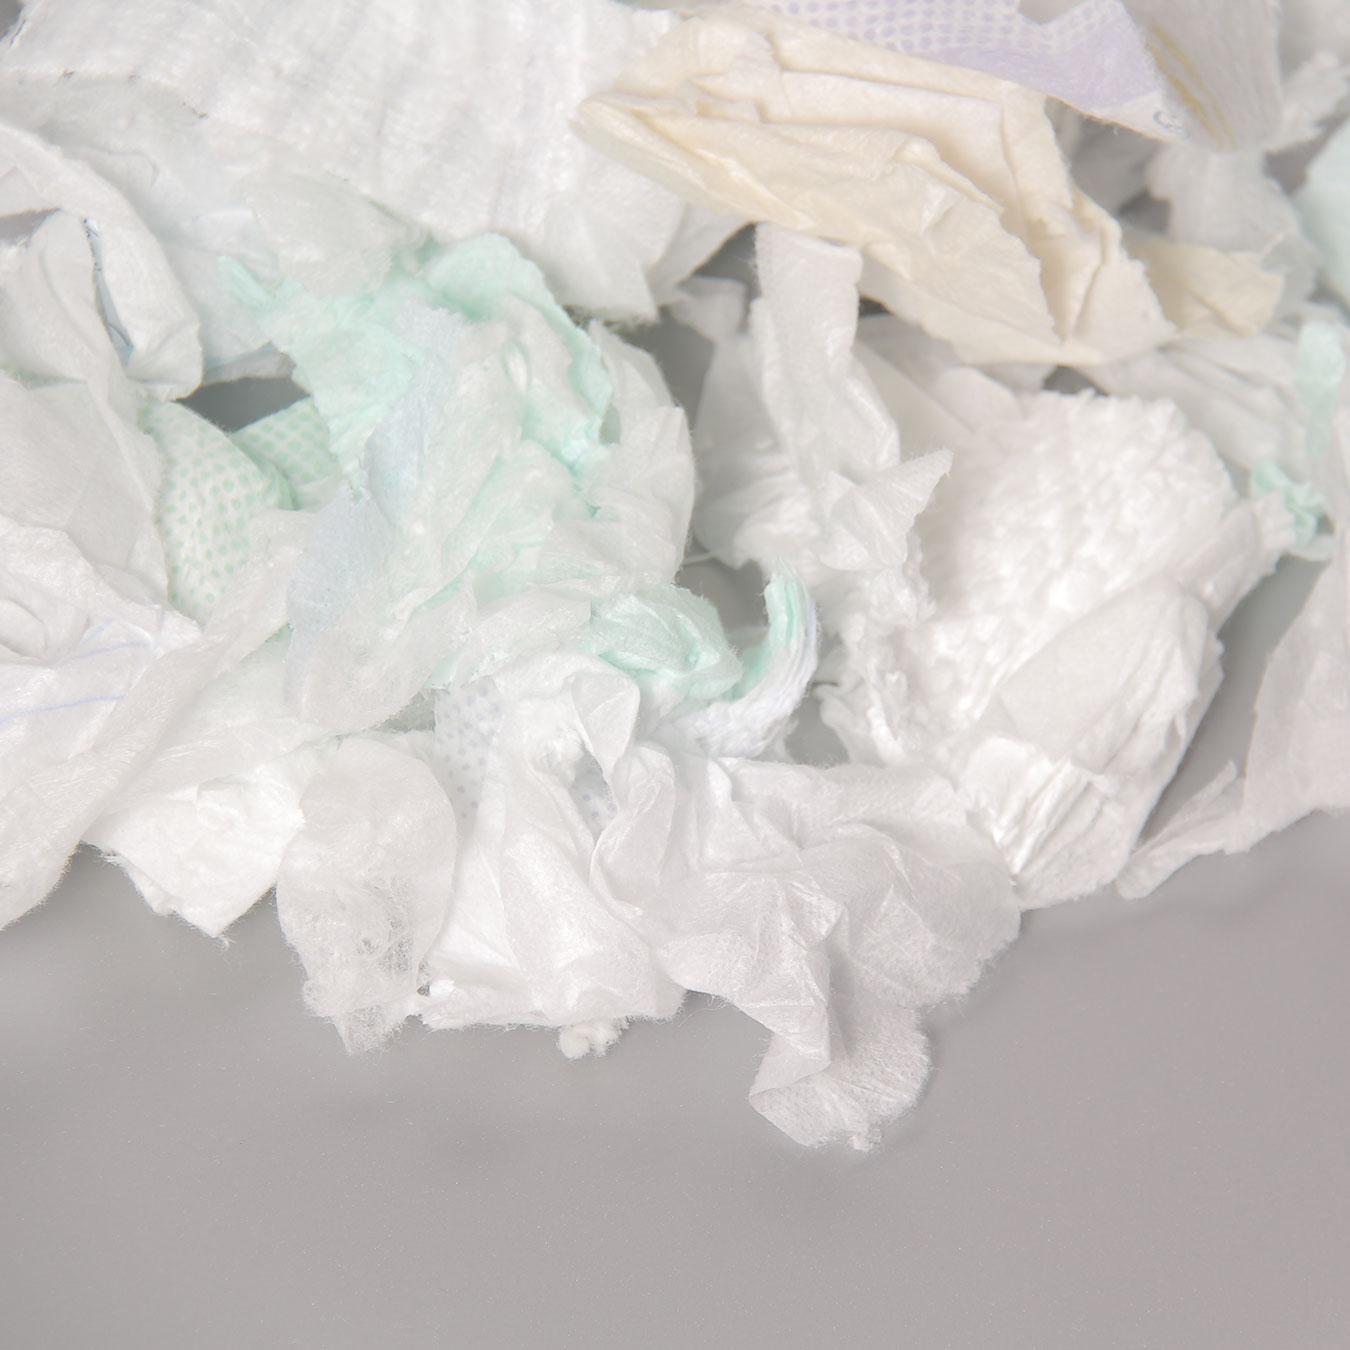 Recycled plastic film - Polyéthylène recyclé